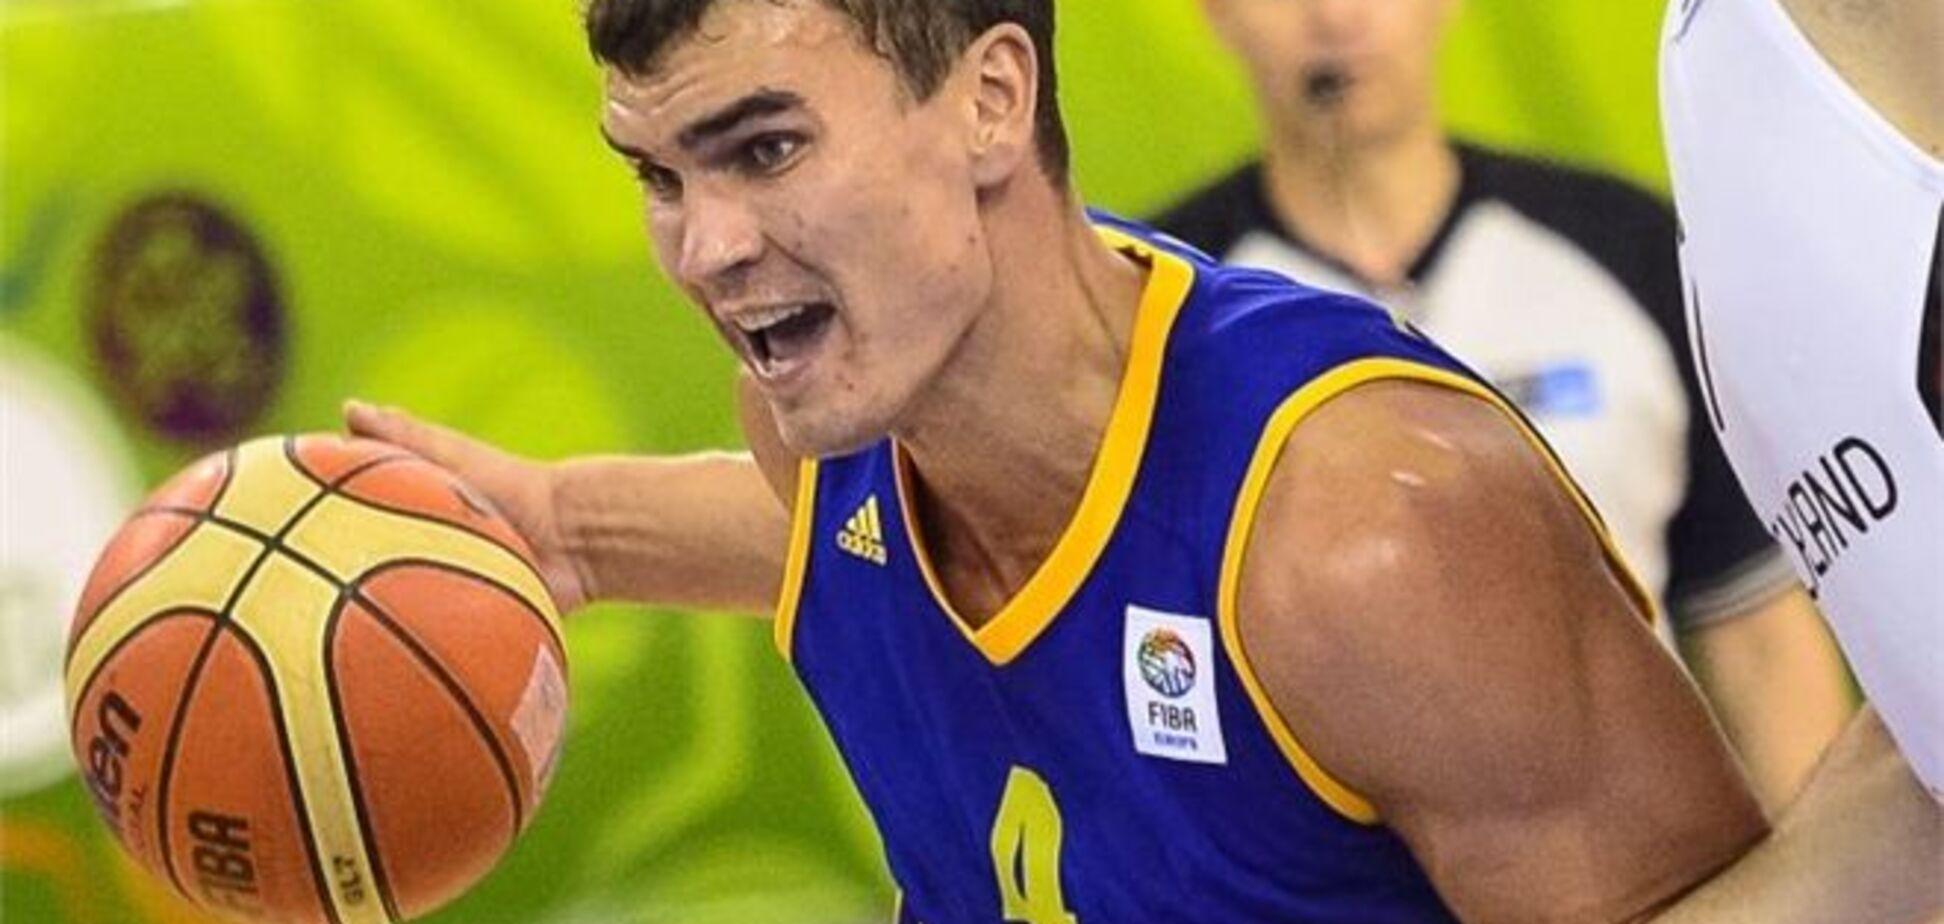 Пустозвонов: сборная Украины сыграла не так, как в прошлых матчах